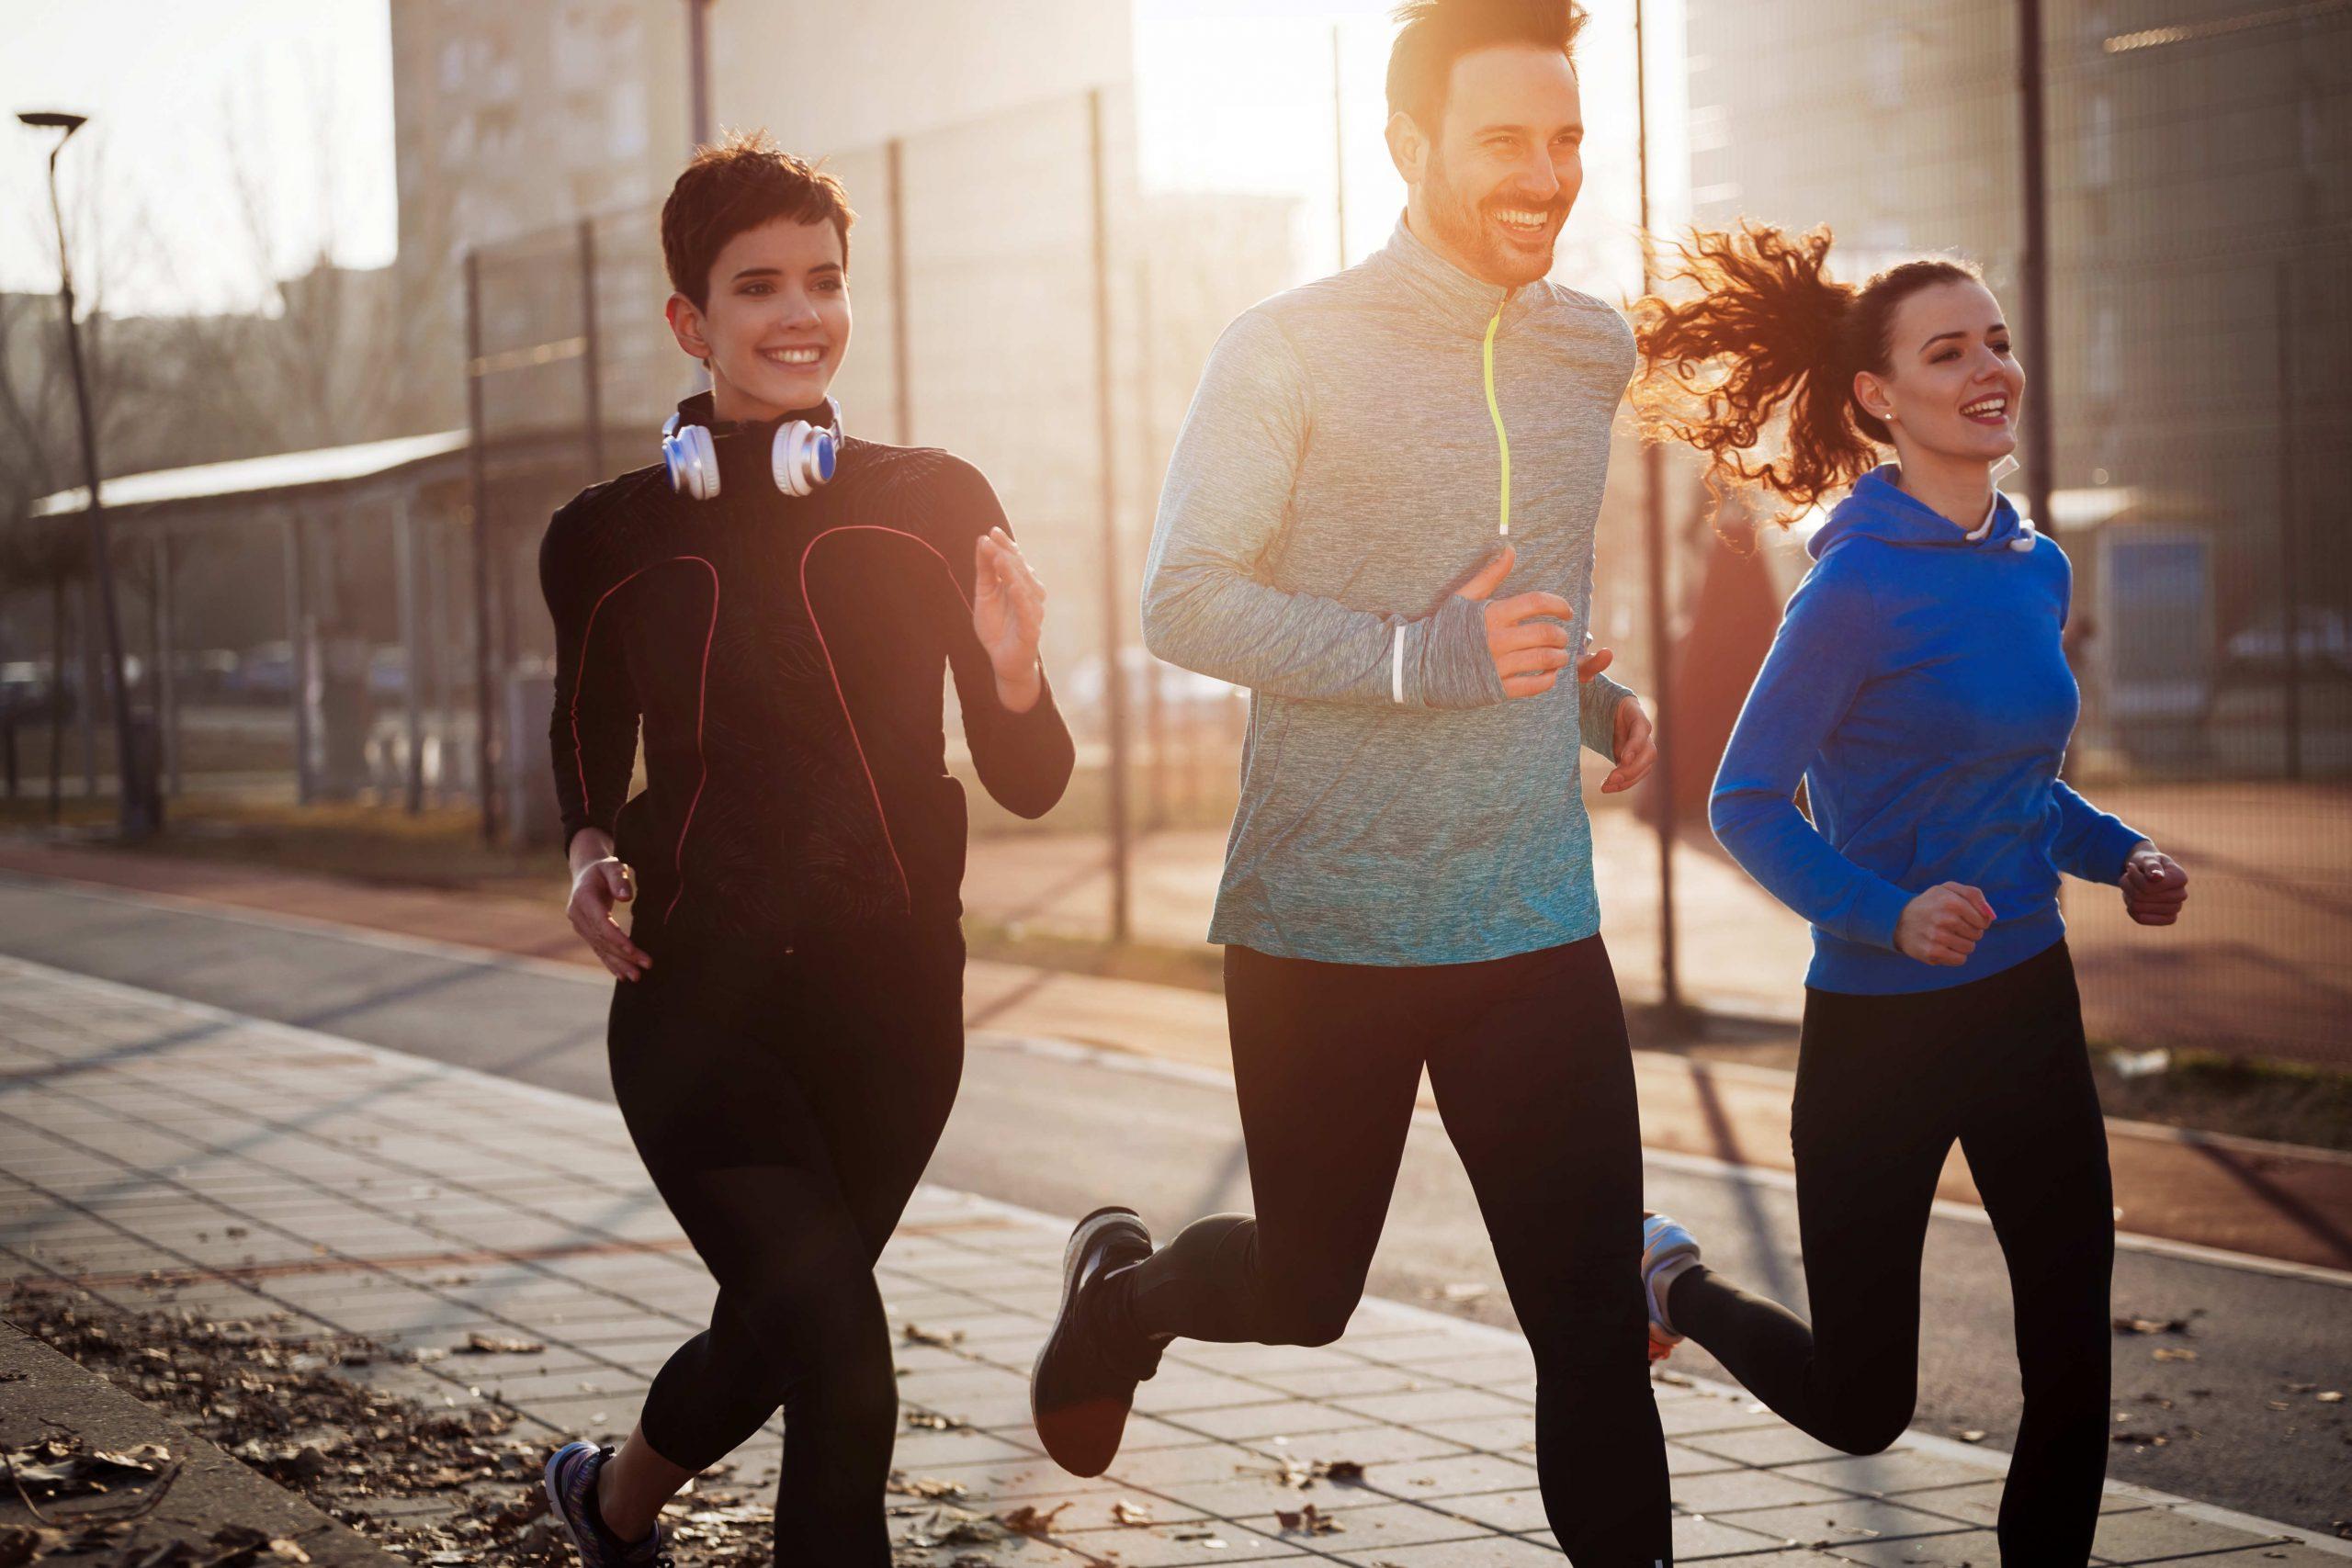 Cuerpo sano, mente sana: beneficios psicológicos de realizar deporte